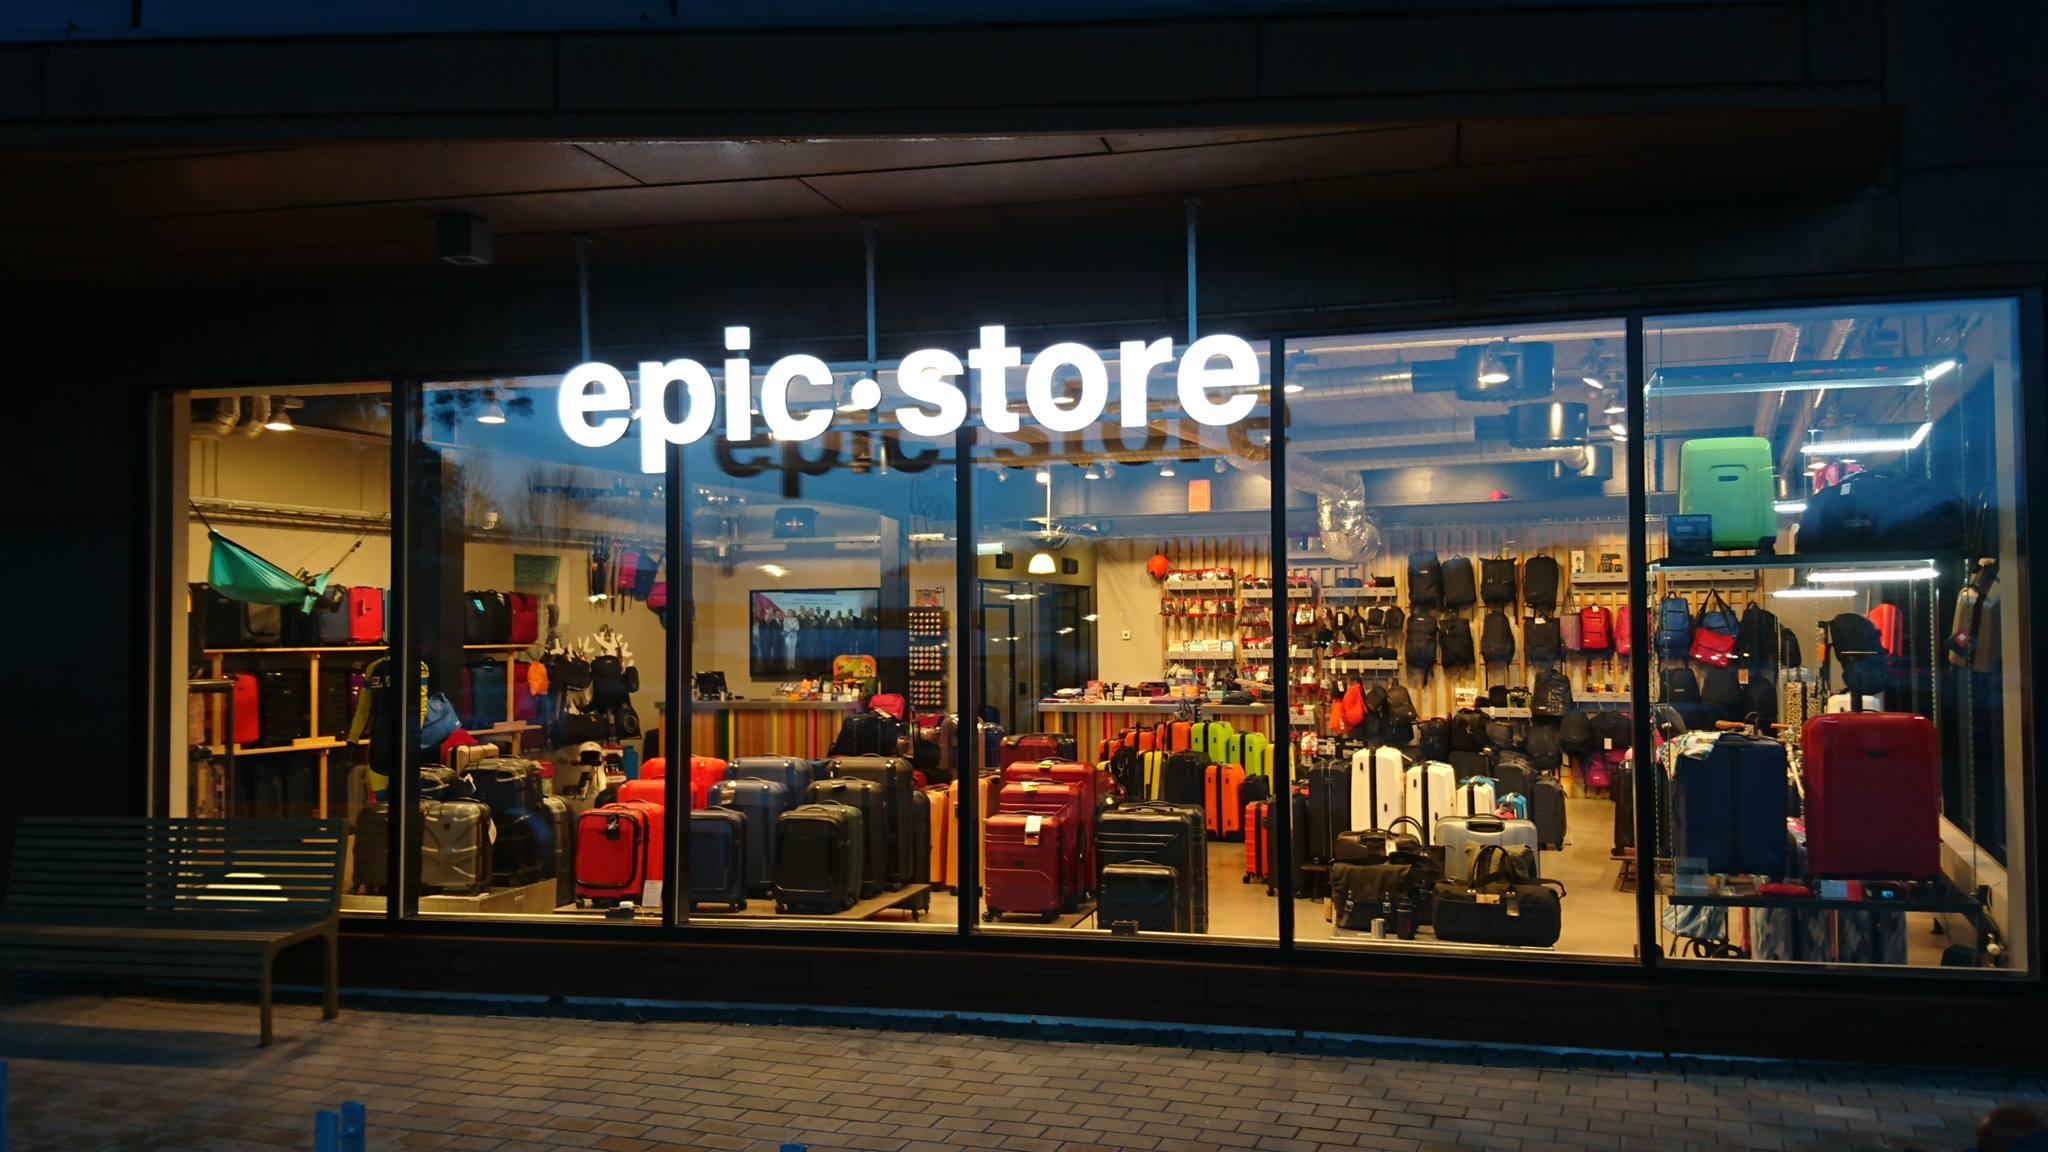 La Epic Store implementa su nueva política de reembolsos, similar a la de Steam